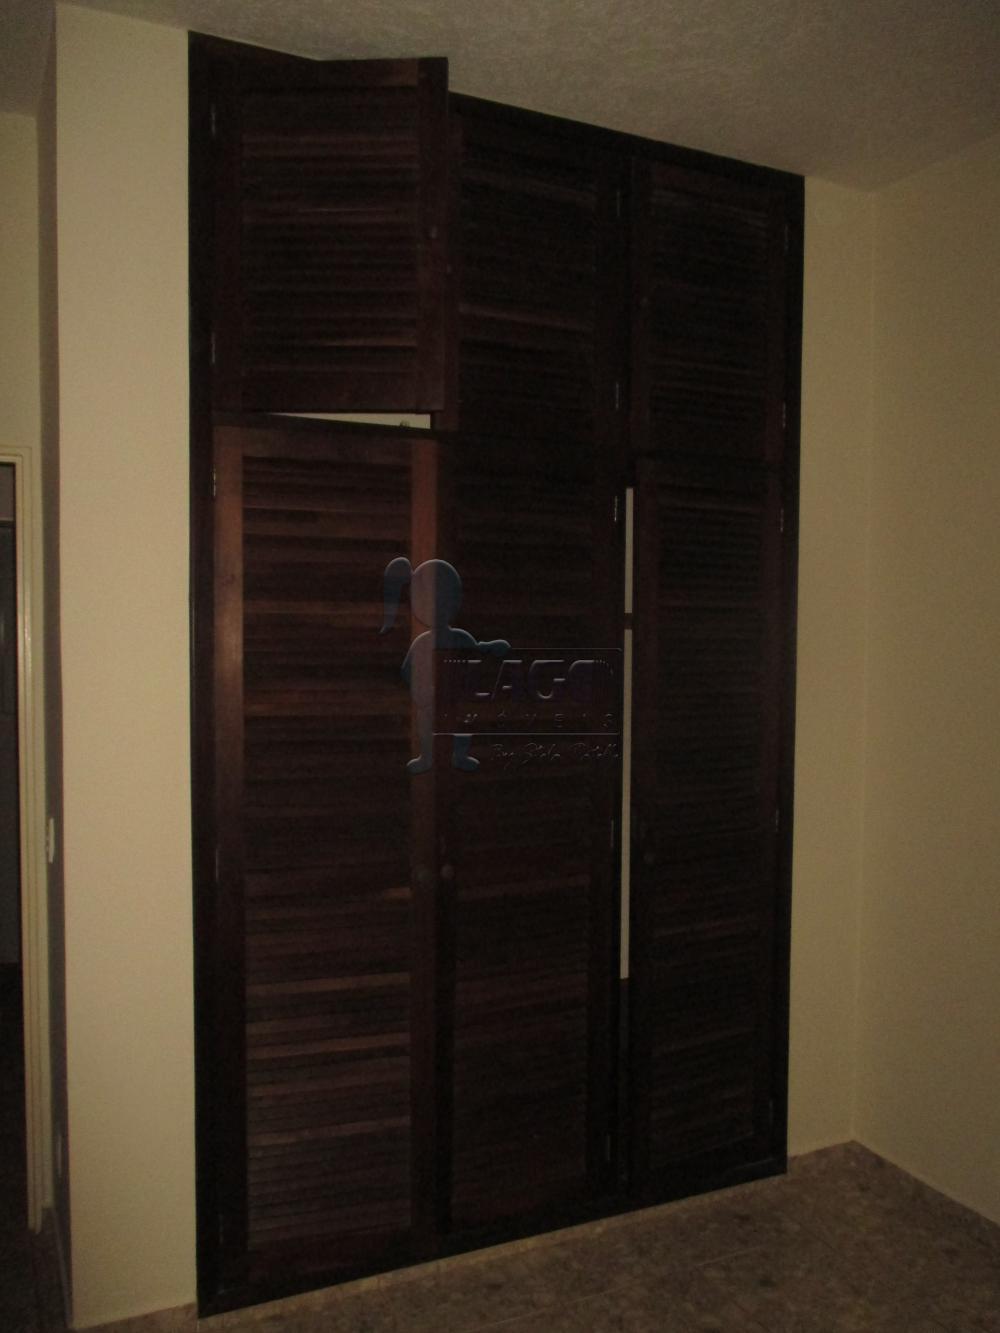 Alugar Casas / Comercial em Ribeirão Preto apenas R$ 3.000,00 - Foto 17